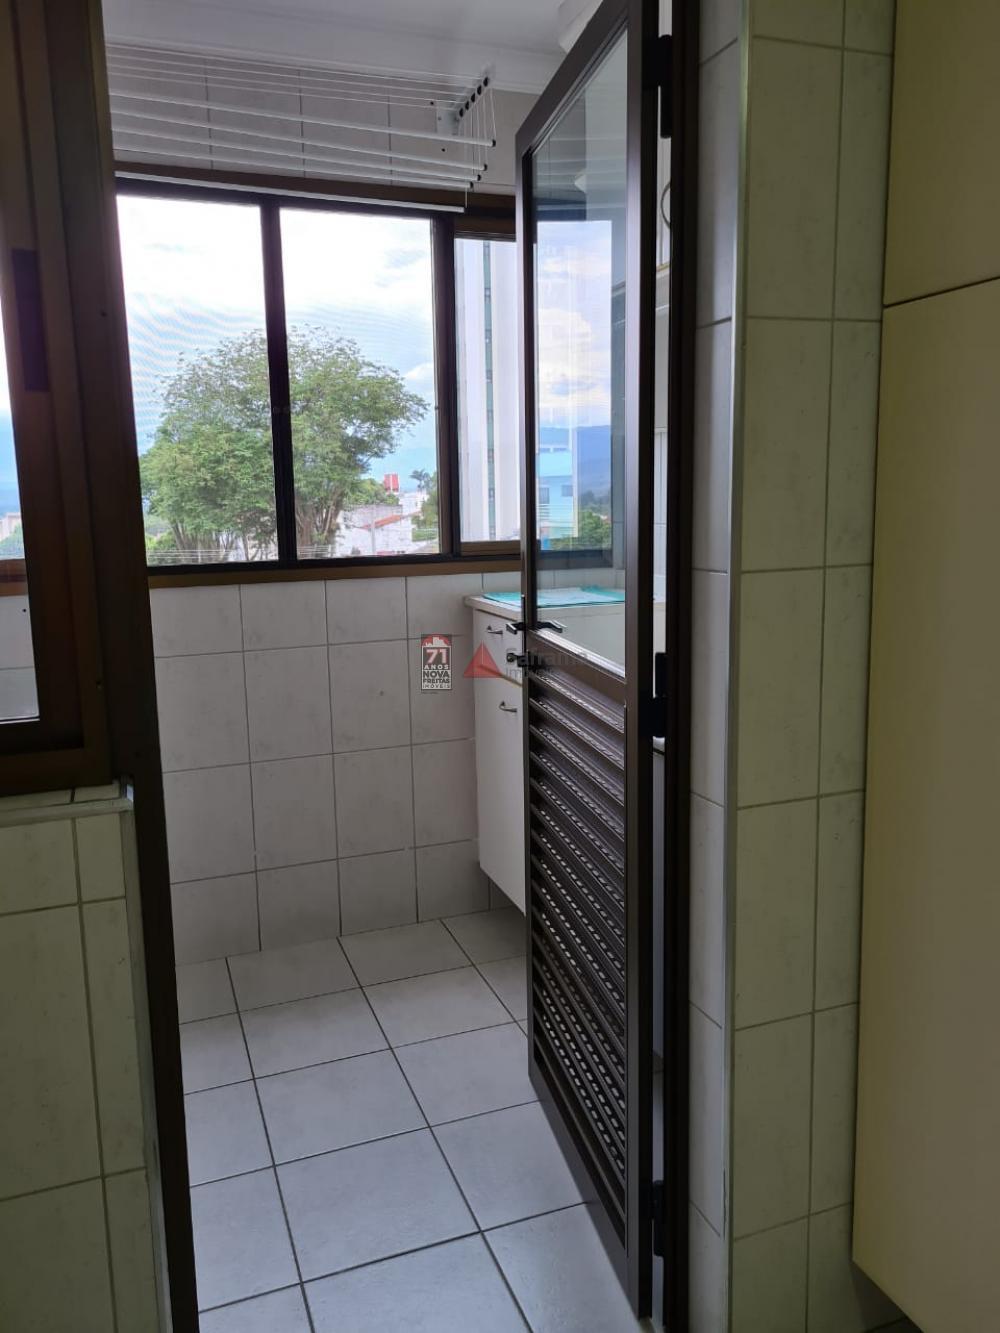 Comprar Apartamento / Padrão em Pindamonhangaba apenas R$ 430.000,00 - Foto 12